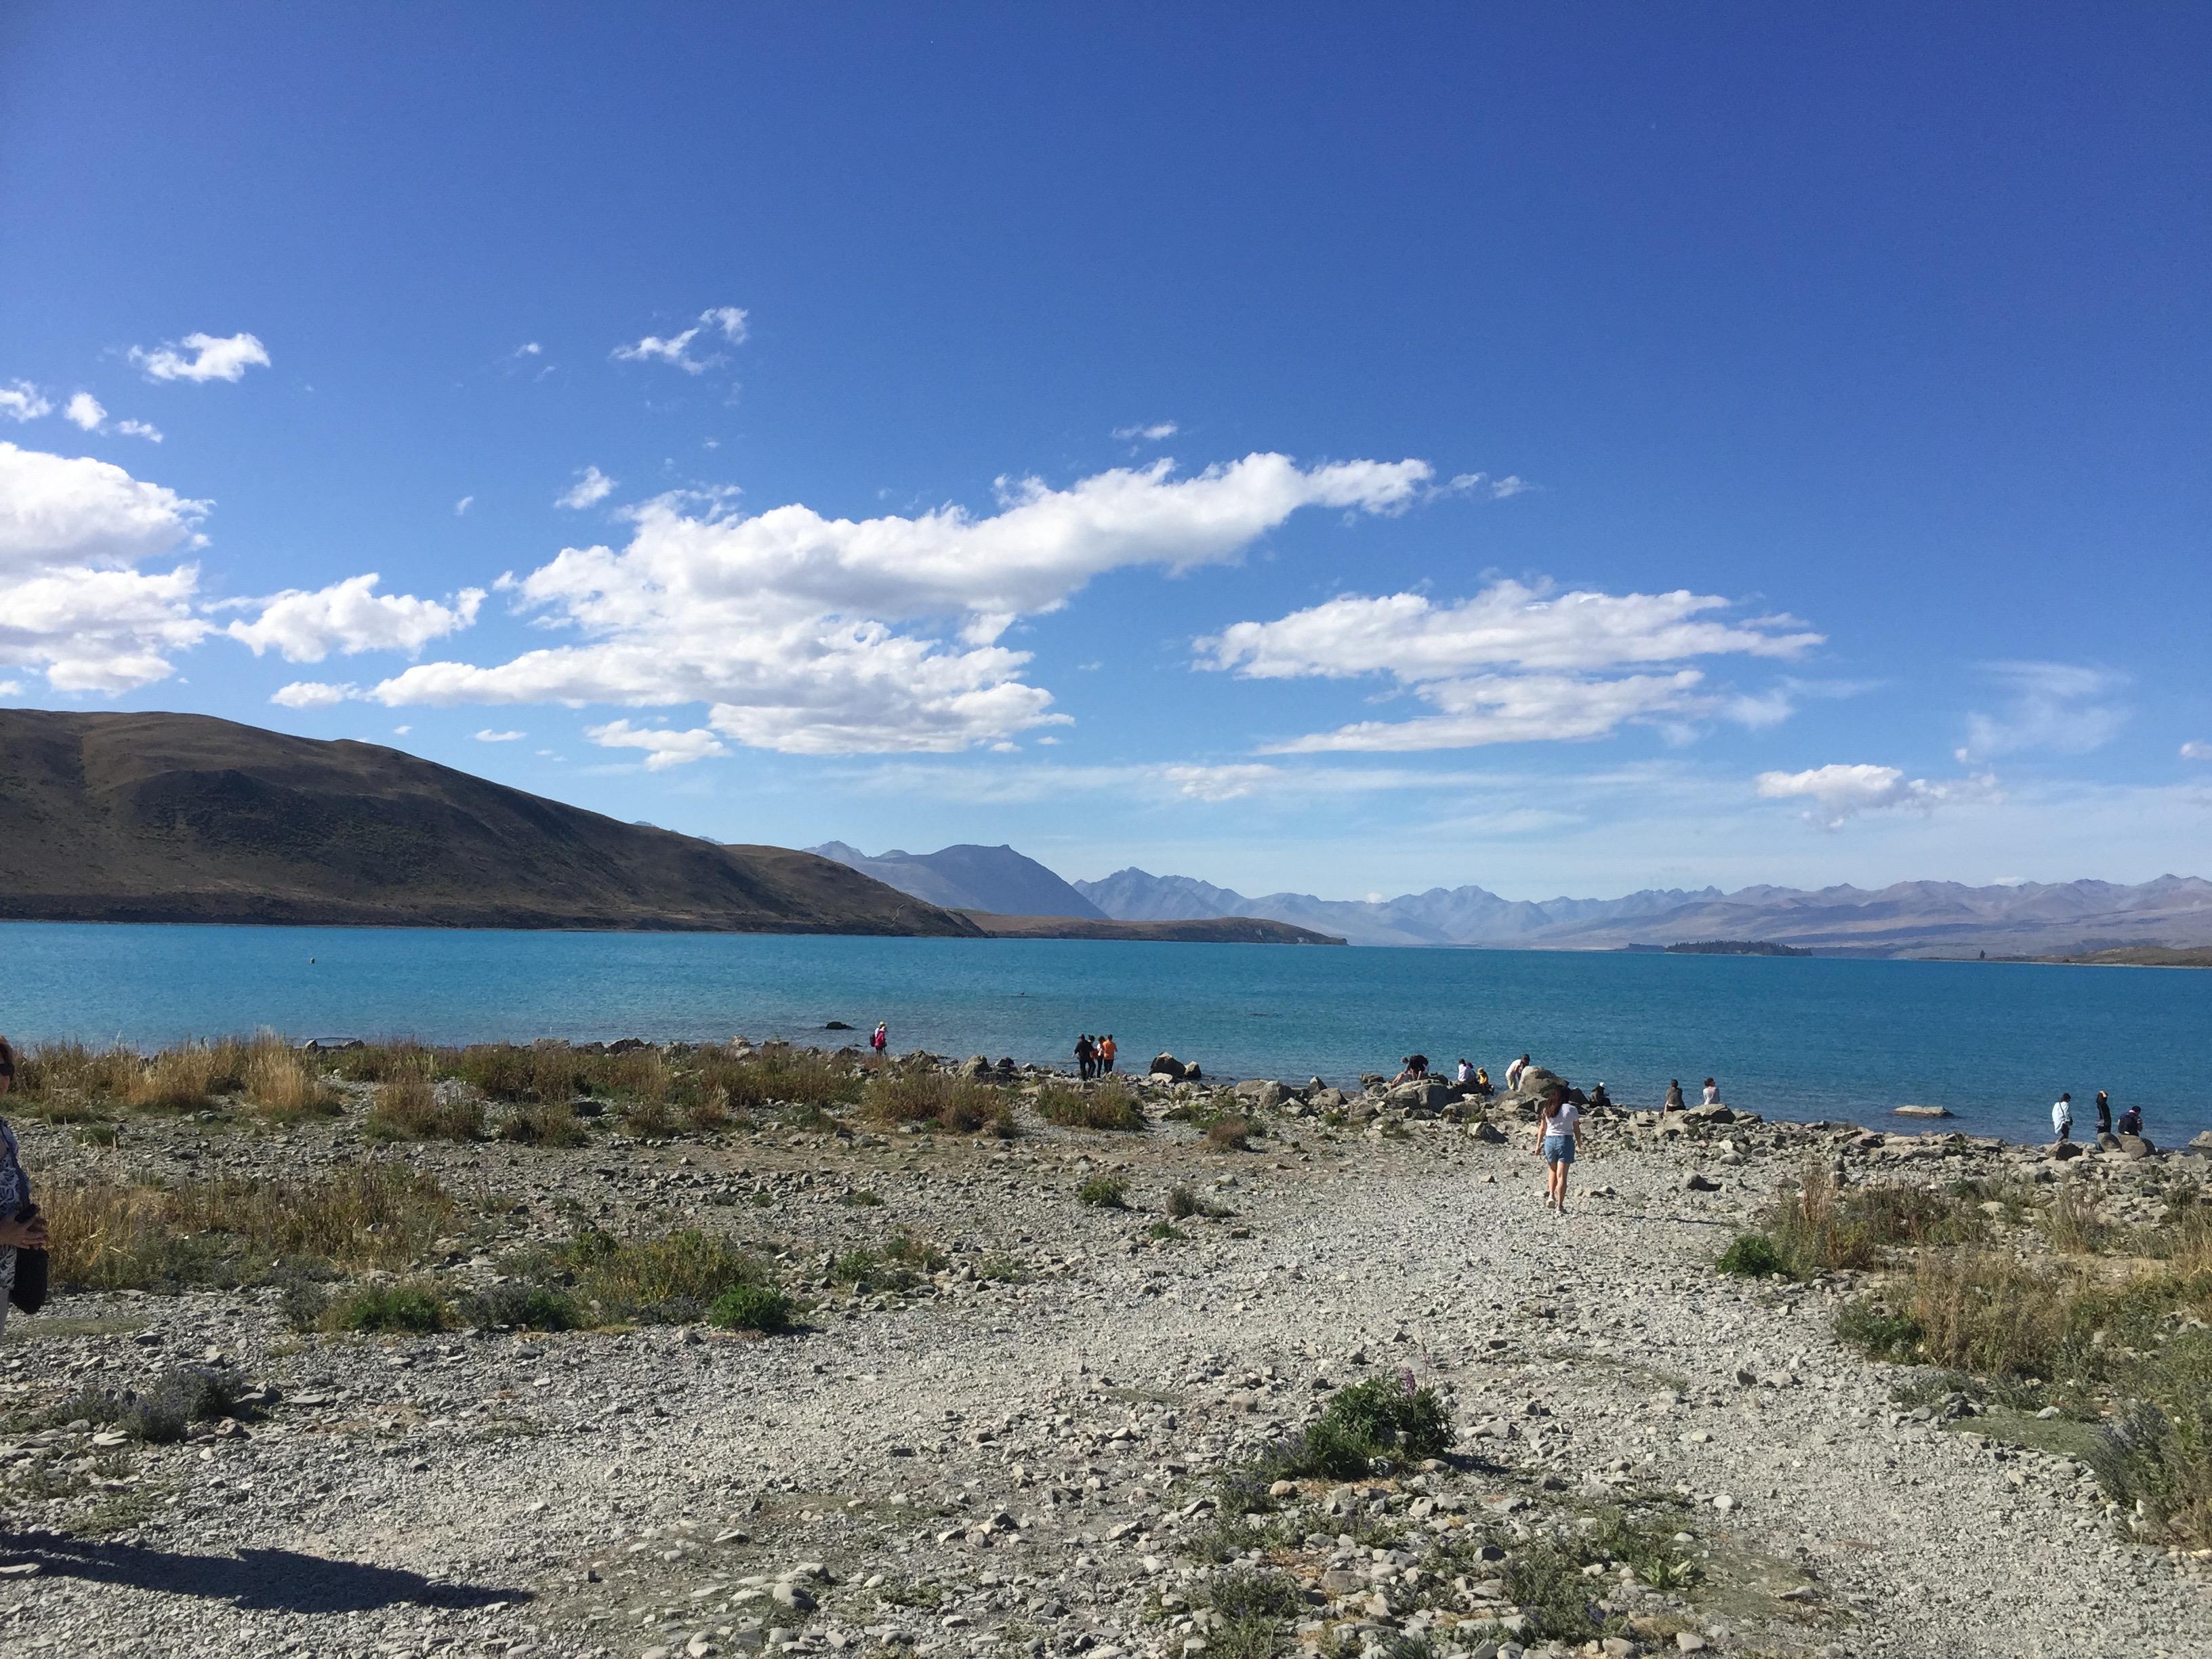 New Zealand: Lake Tekapo